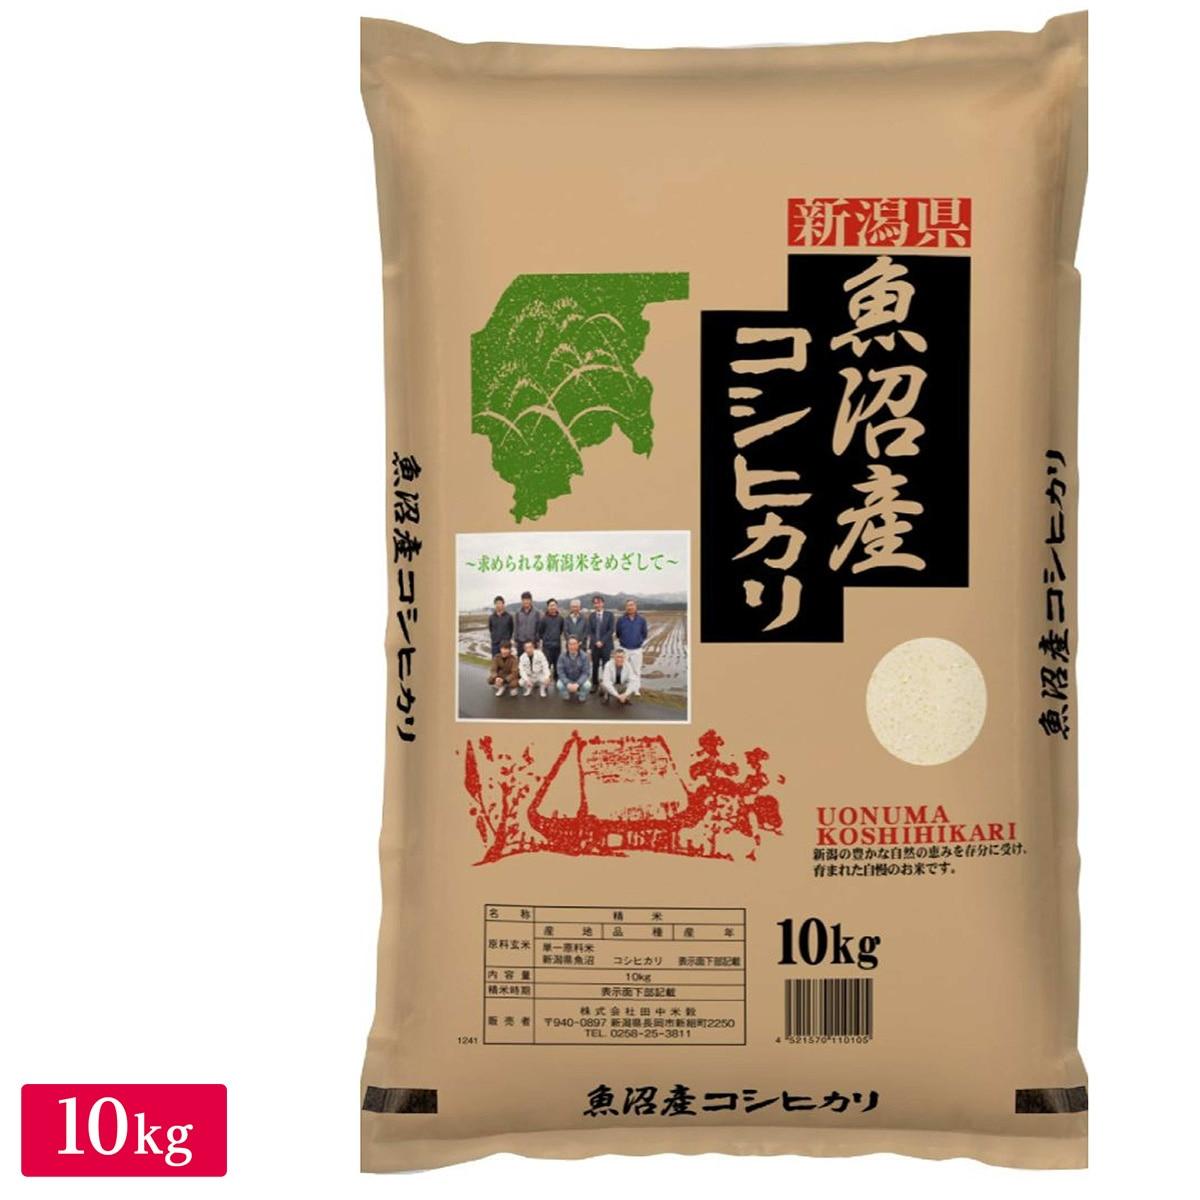 □令和2年産 新潟県 魚沼産 特A コシヒカリ 10kg(1袋)